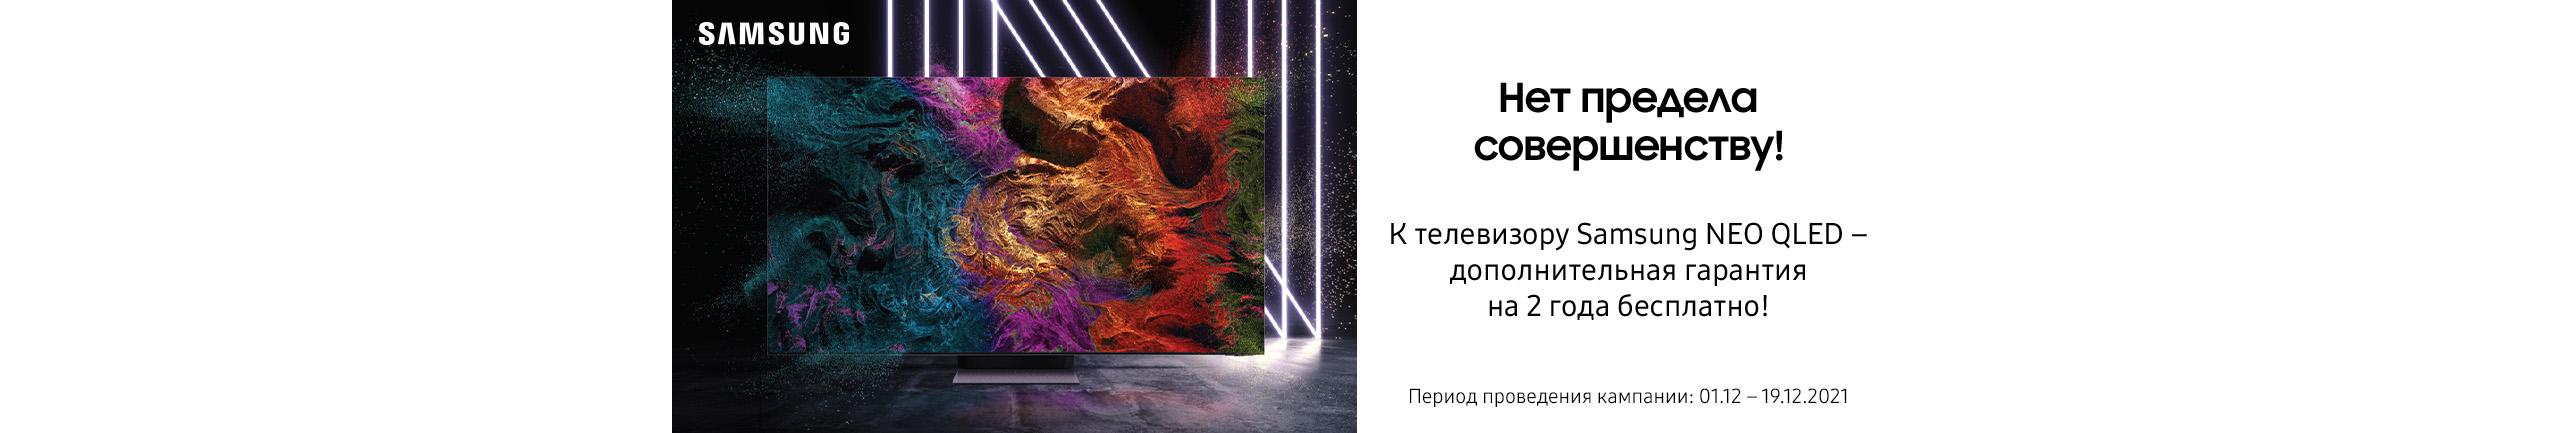 K телевизорaм Samsung NEO QLED в придачу дополнительная гарантия